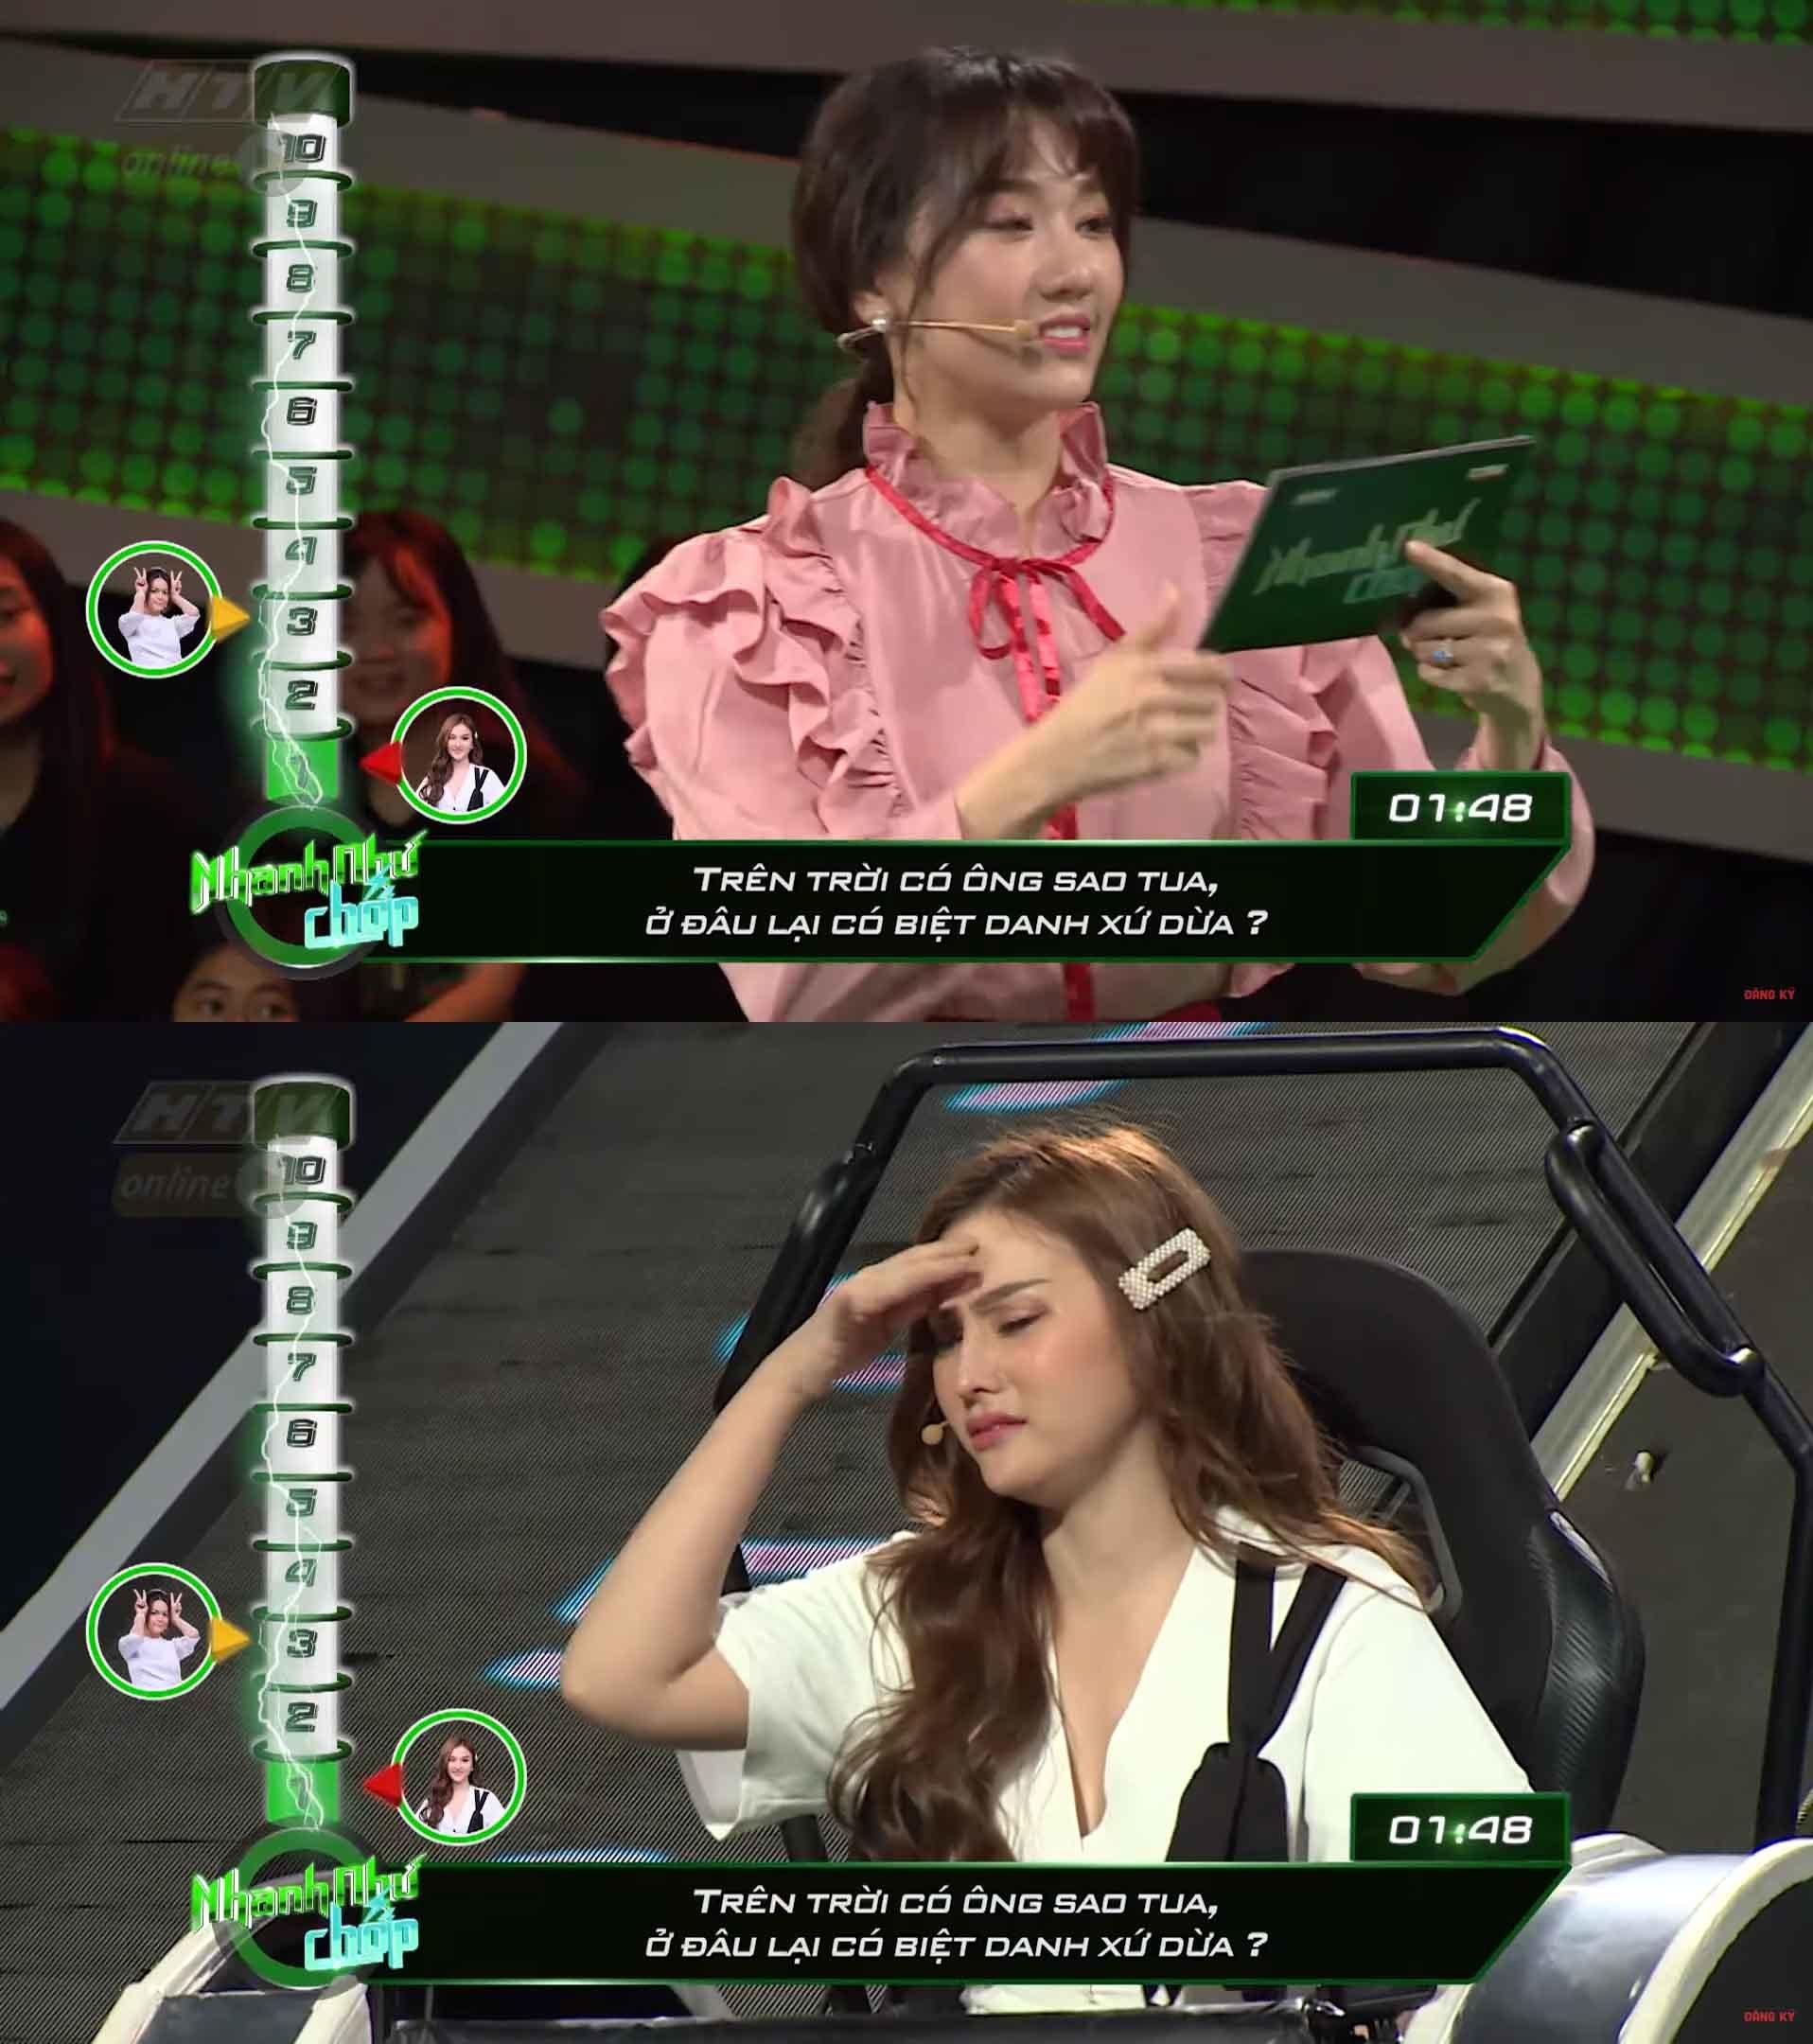 Trường Giang tiết lộ Hari Won gọi Trấn Thành là 'chị' khi ở nhà